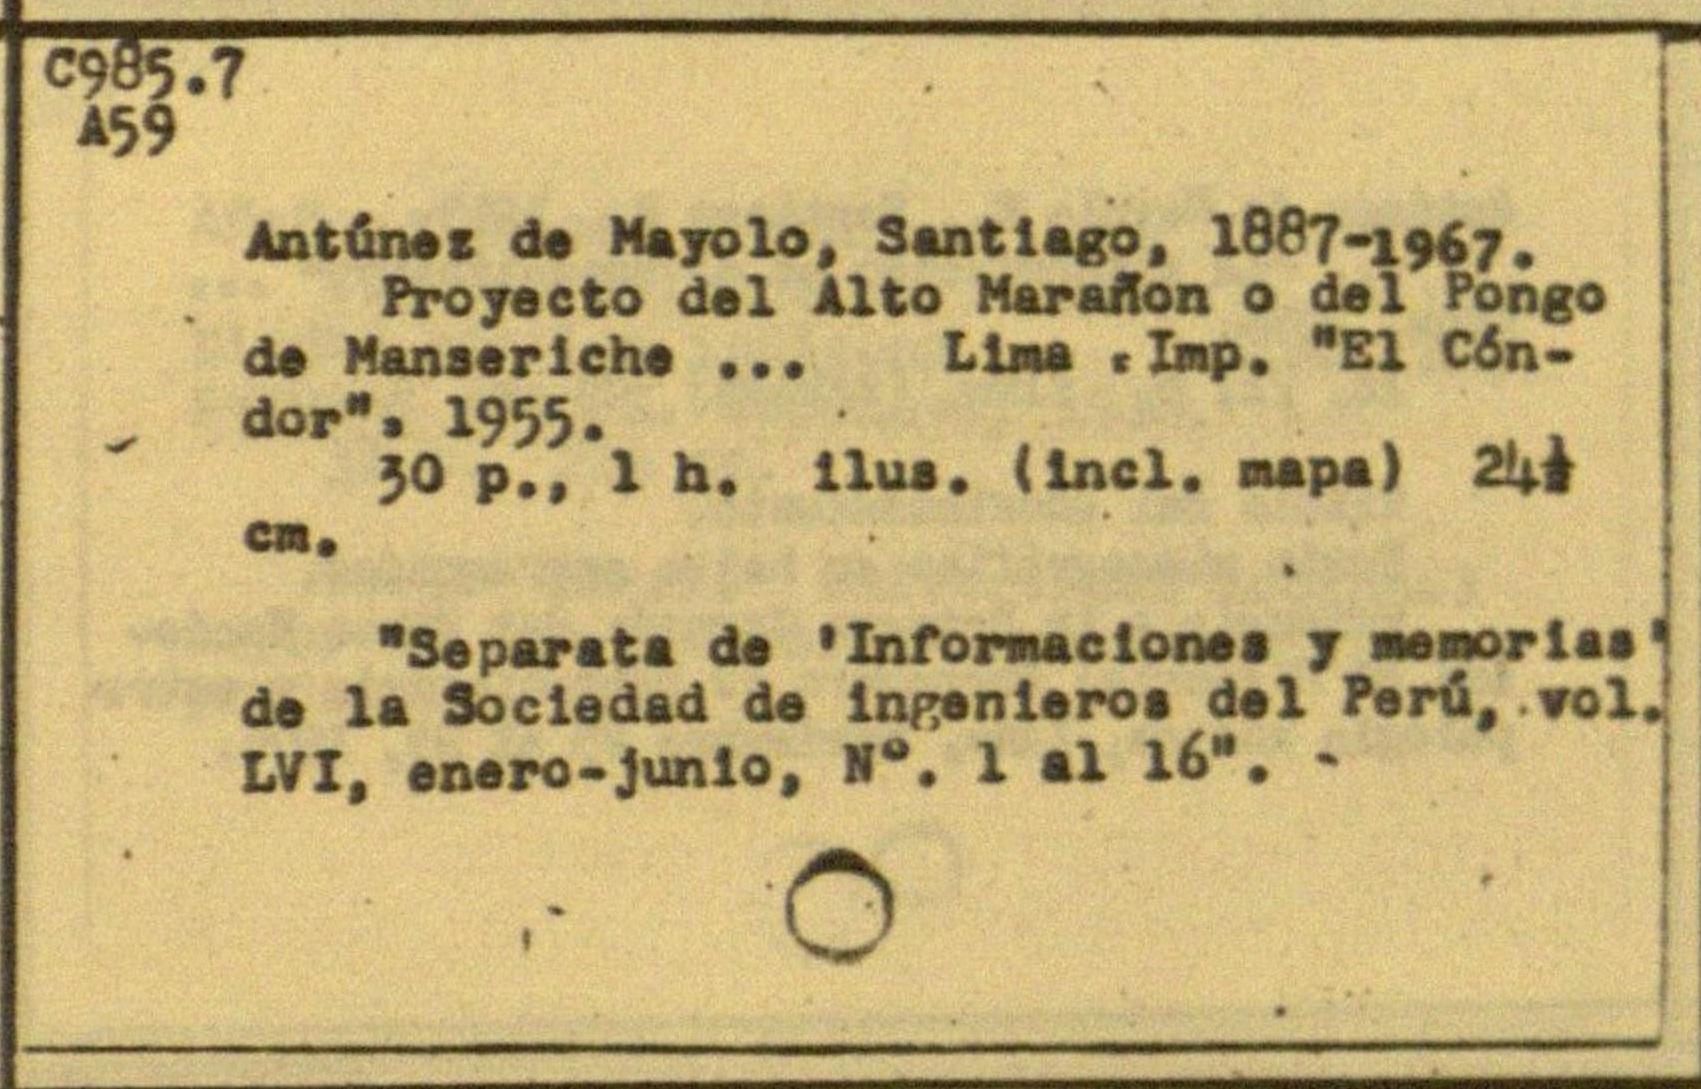 Image for Catálogo de Autores de la Colección Peruana